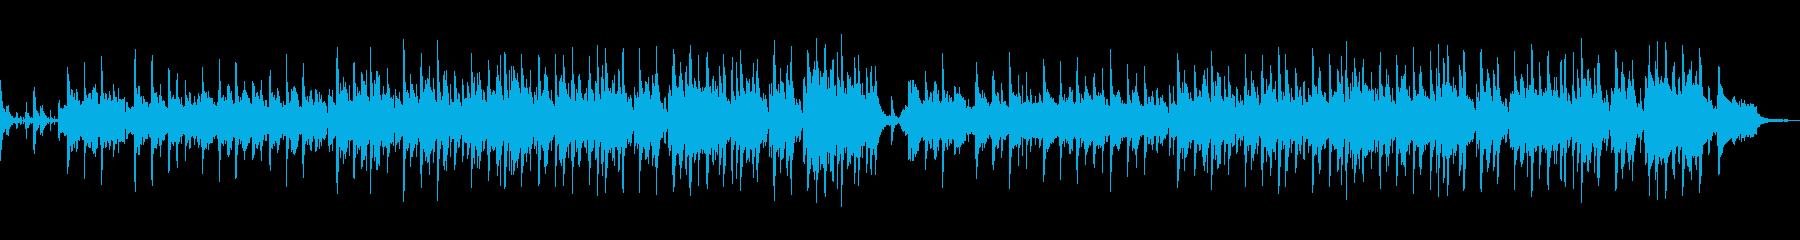 尺八、三味線、琴、和太鼓:和の風情の再生済みの波形